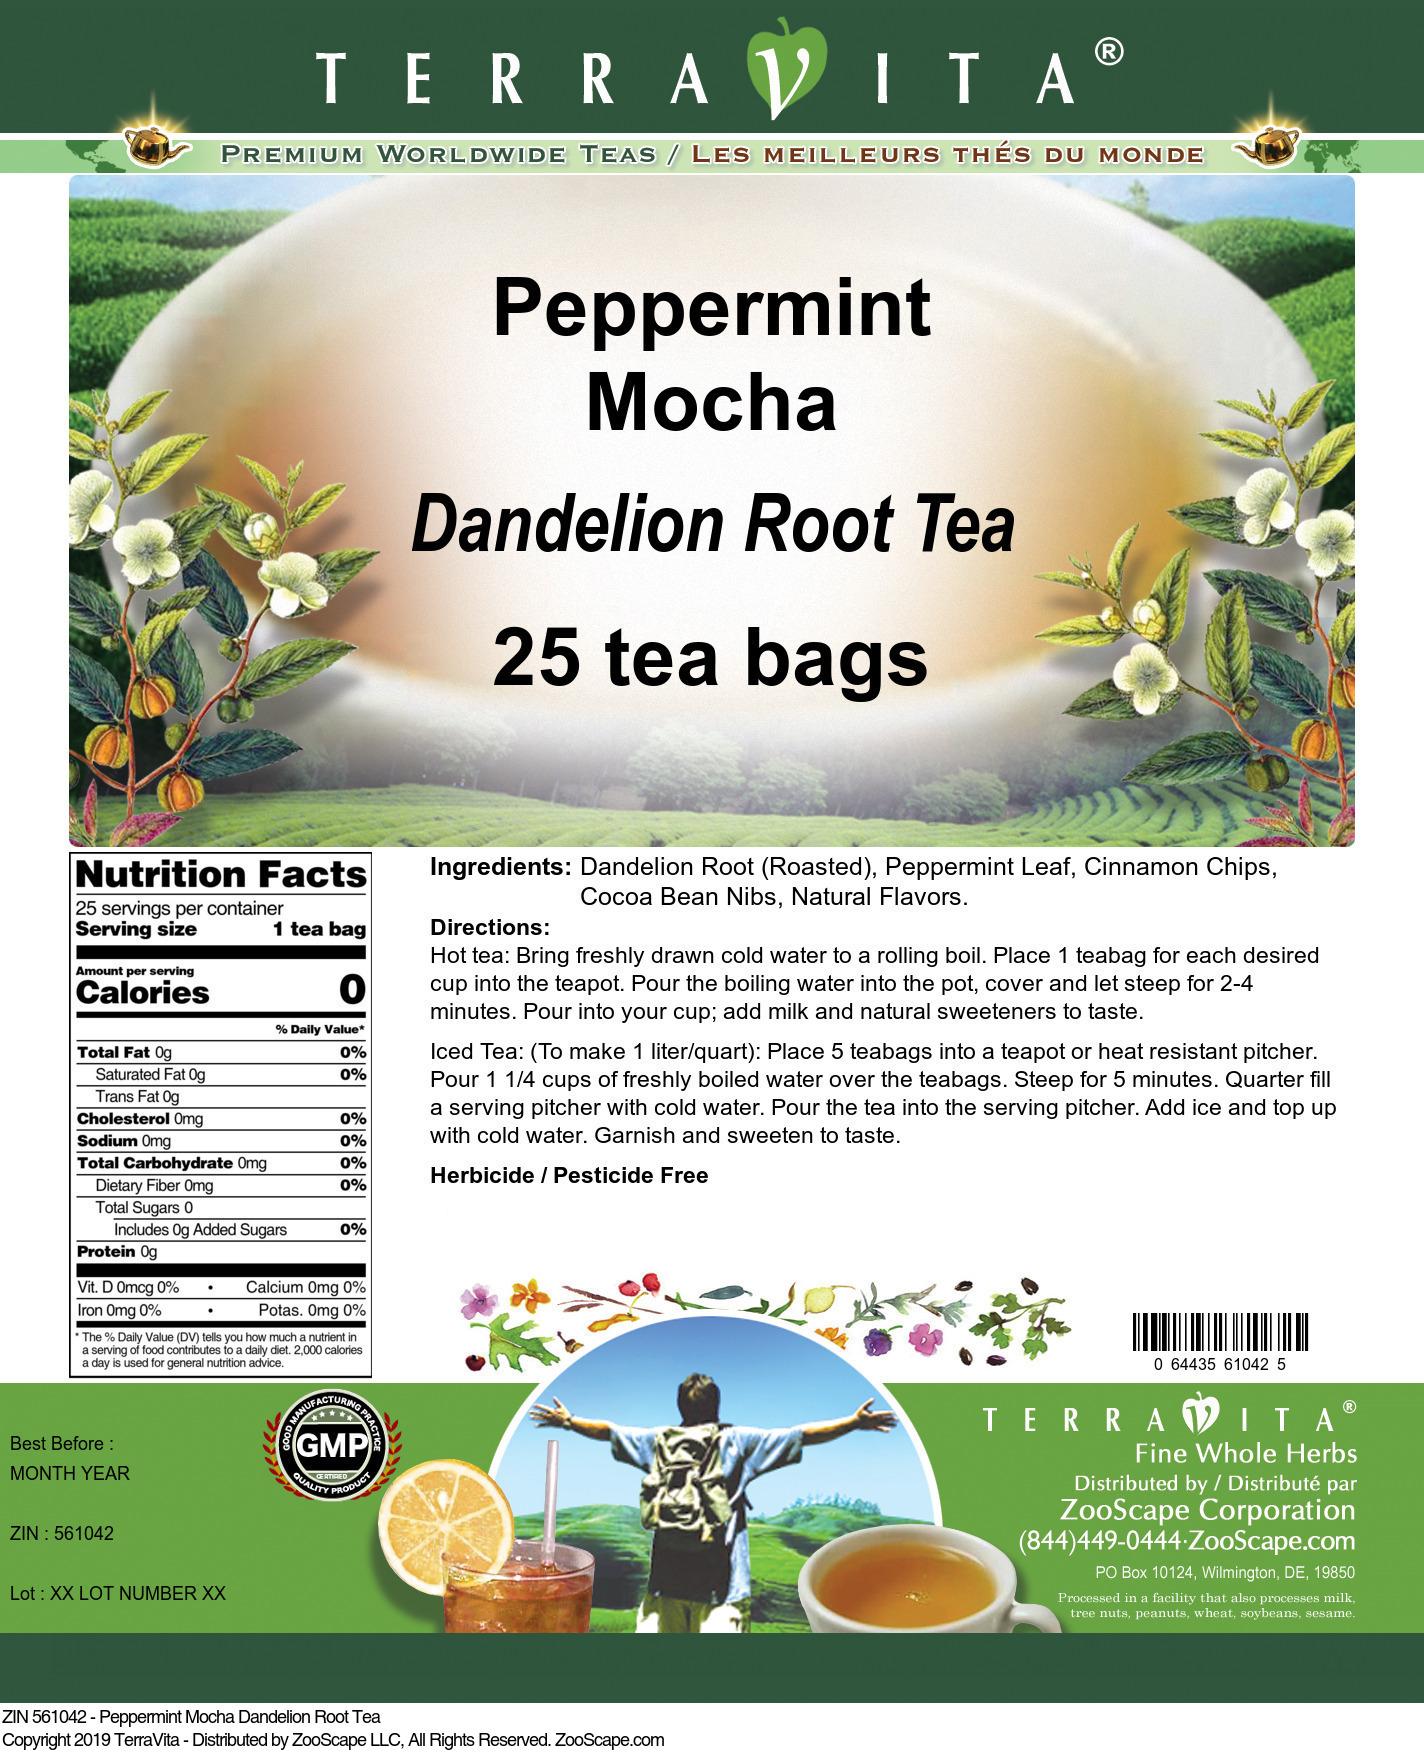 Peppermint Mocha Dandelion Root